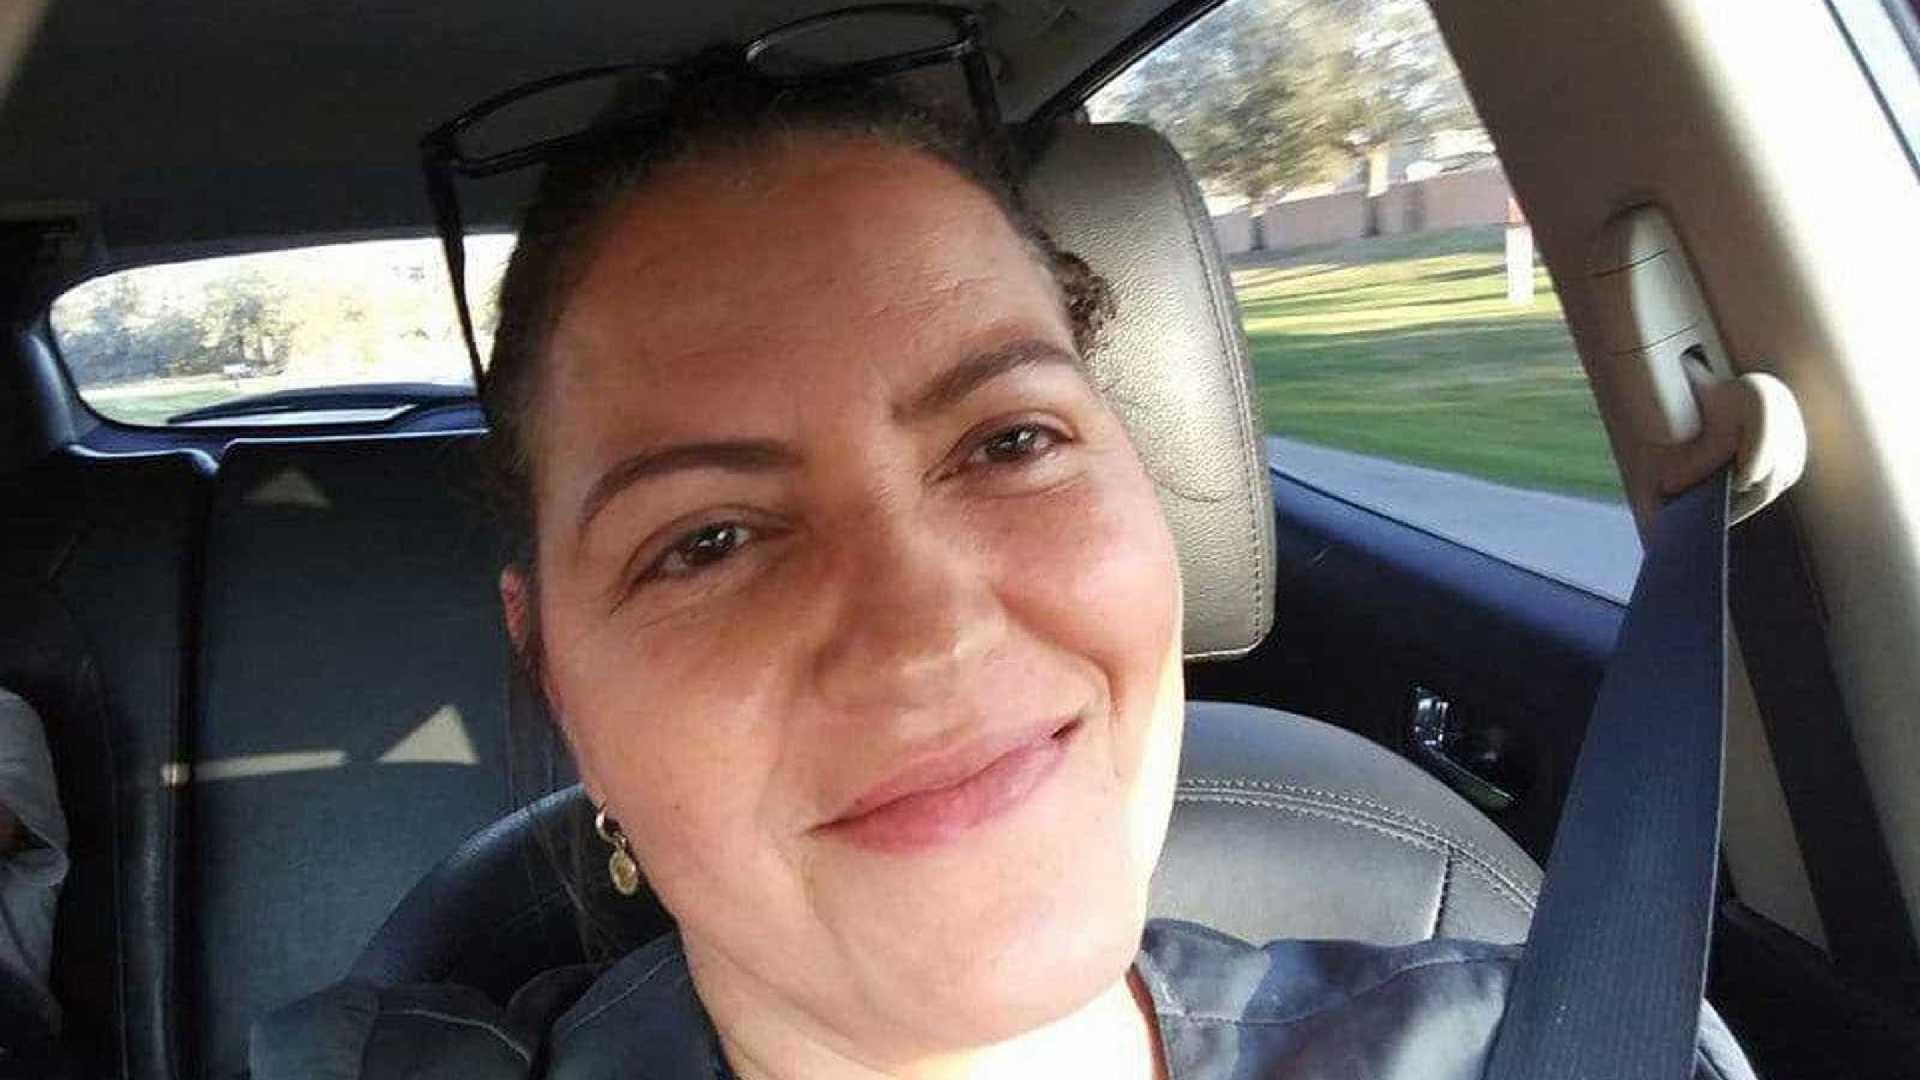 naom 5abd90c1321a5 - Brasileira leva 30 facadas nos EUA e família pede ajuda